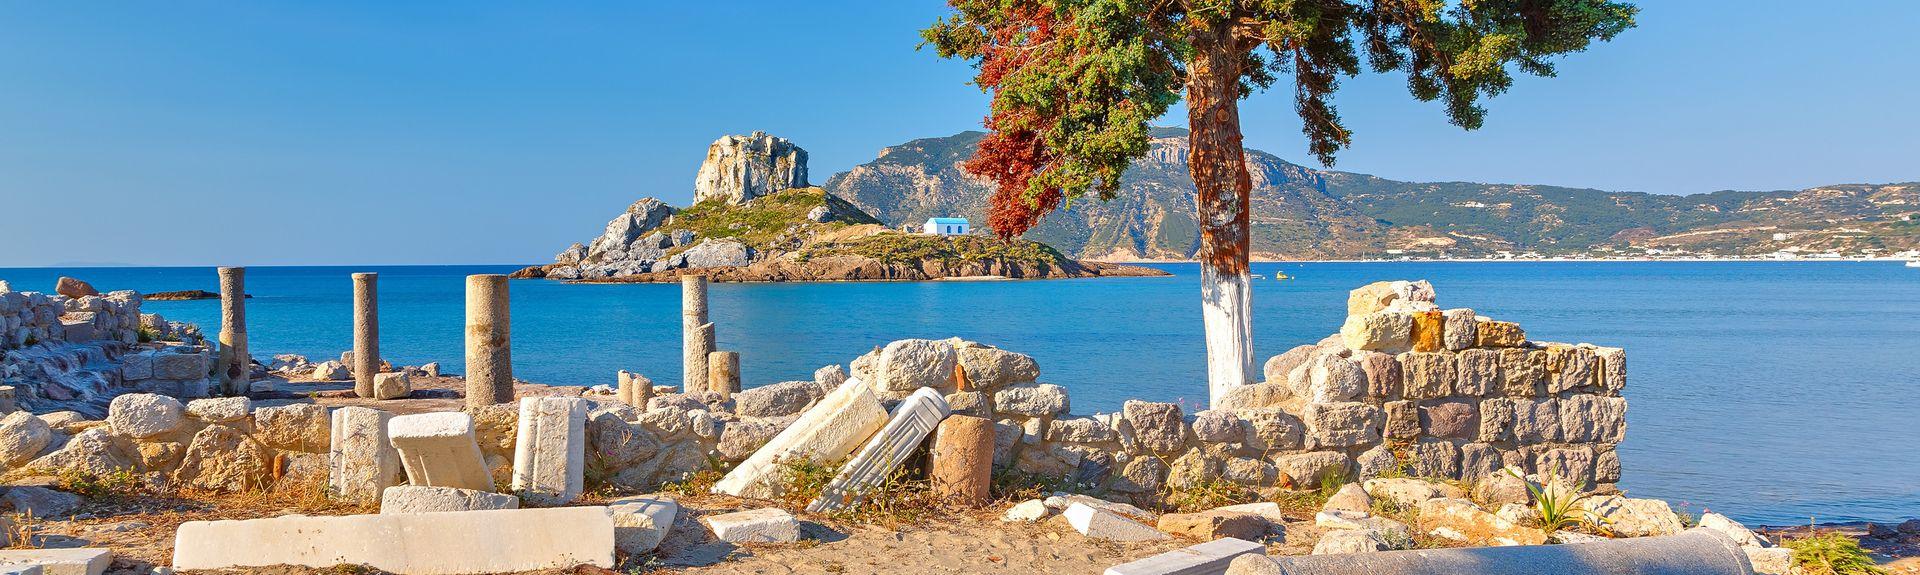 Κως, Ηρακλείδες, Νησιά του Αιγαίου, Ελλάδα